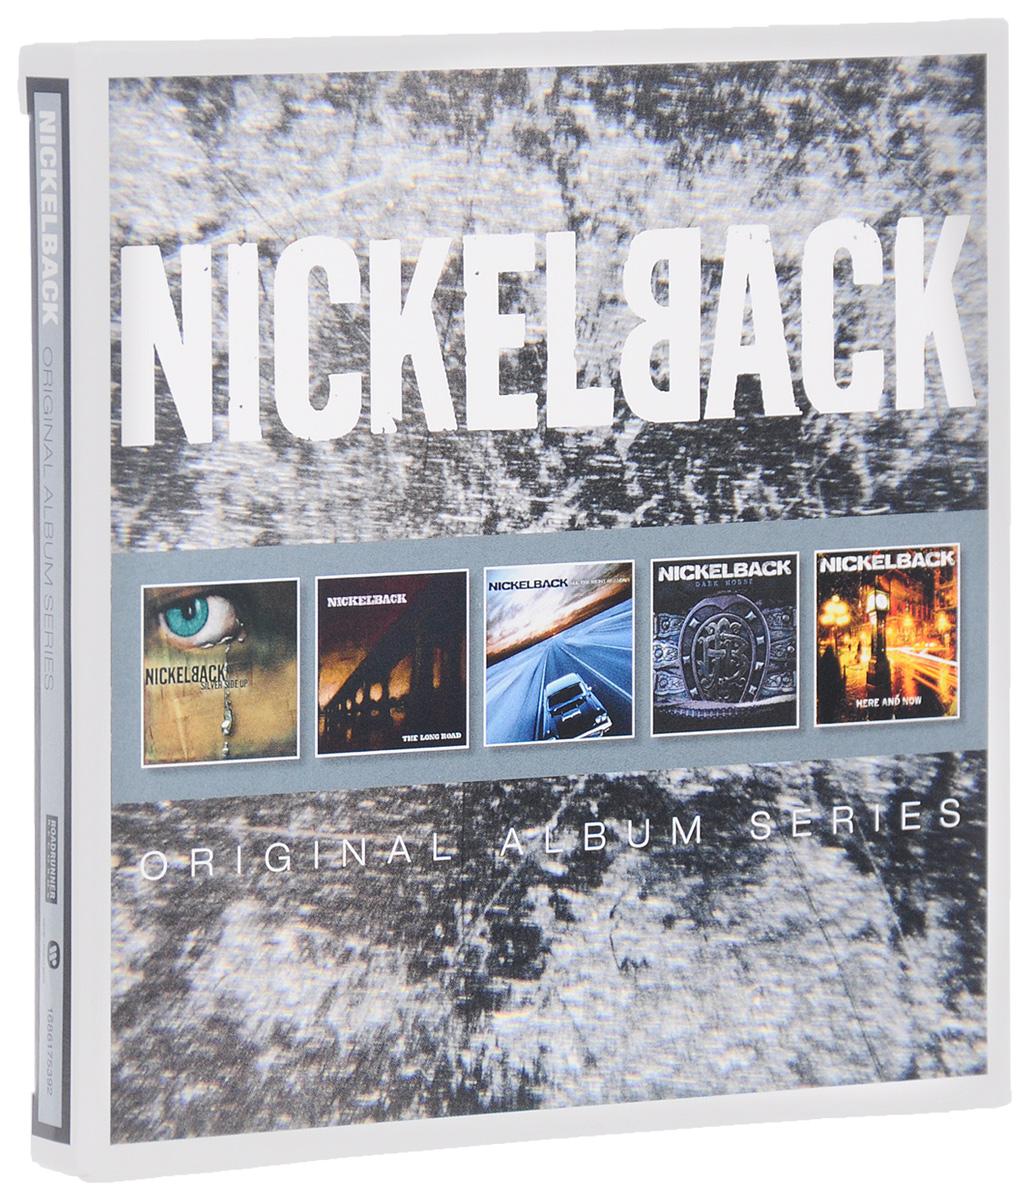 Nickelback Nickelback. Original Album Series (5 CD) cd nickelback original album series